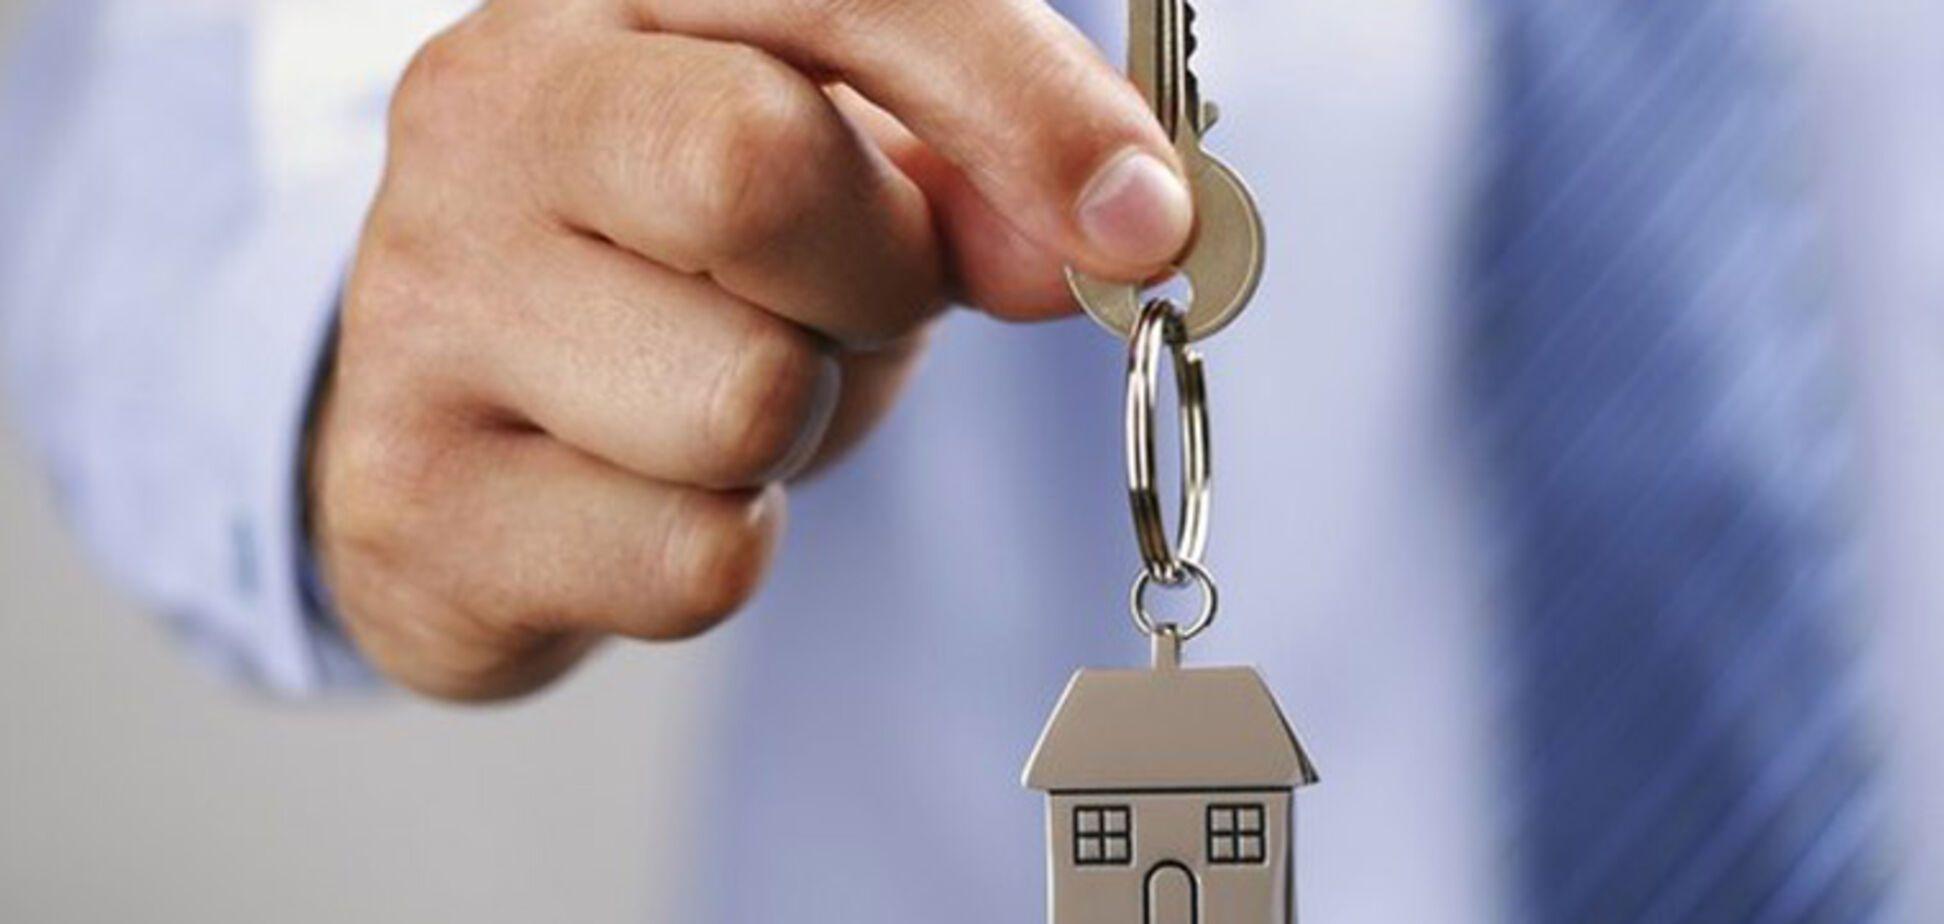 В Украине хотят ввести новые правила аренды жилья: что изменится